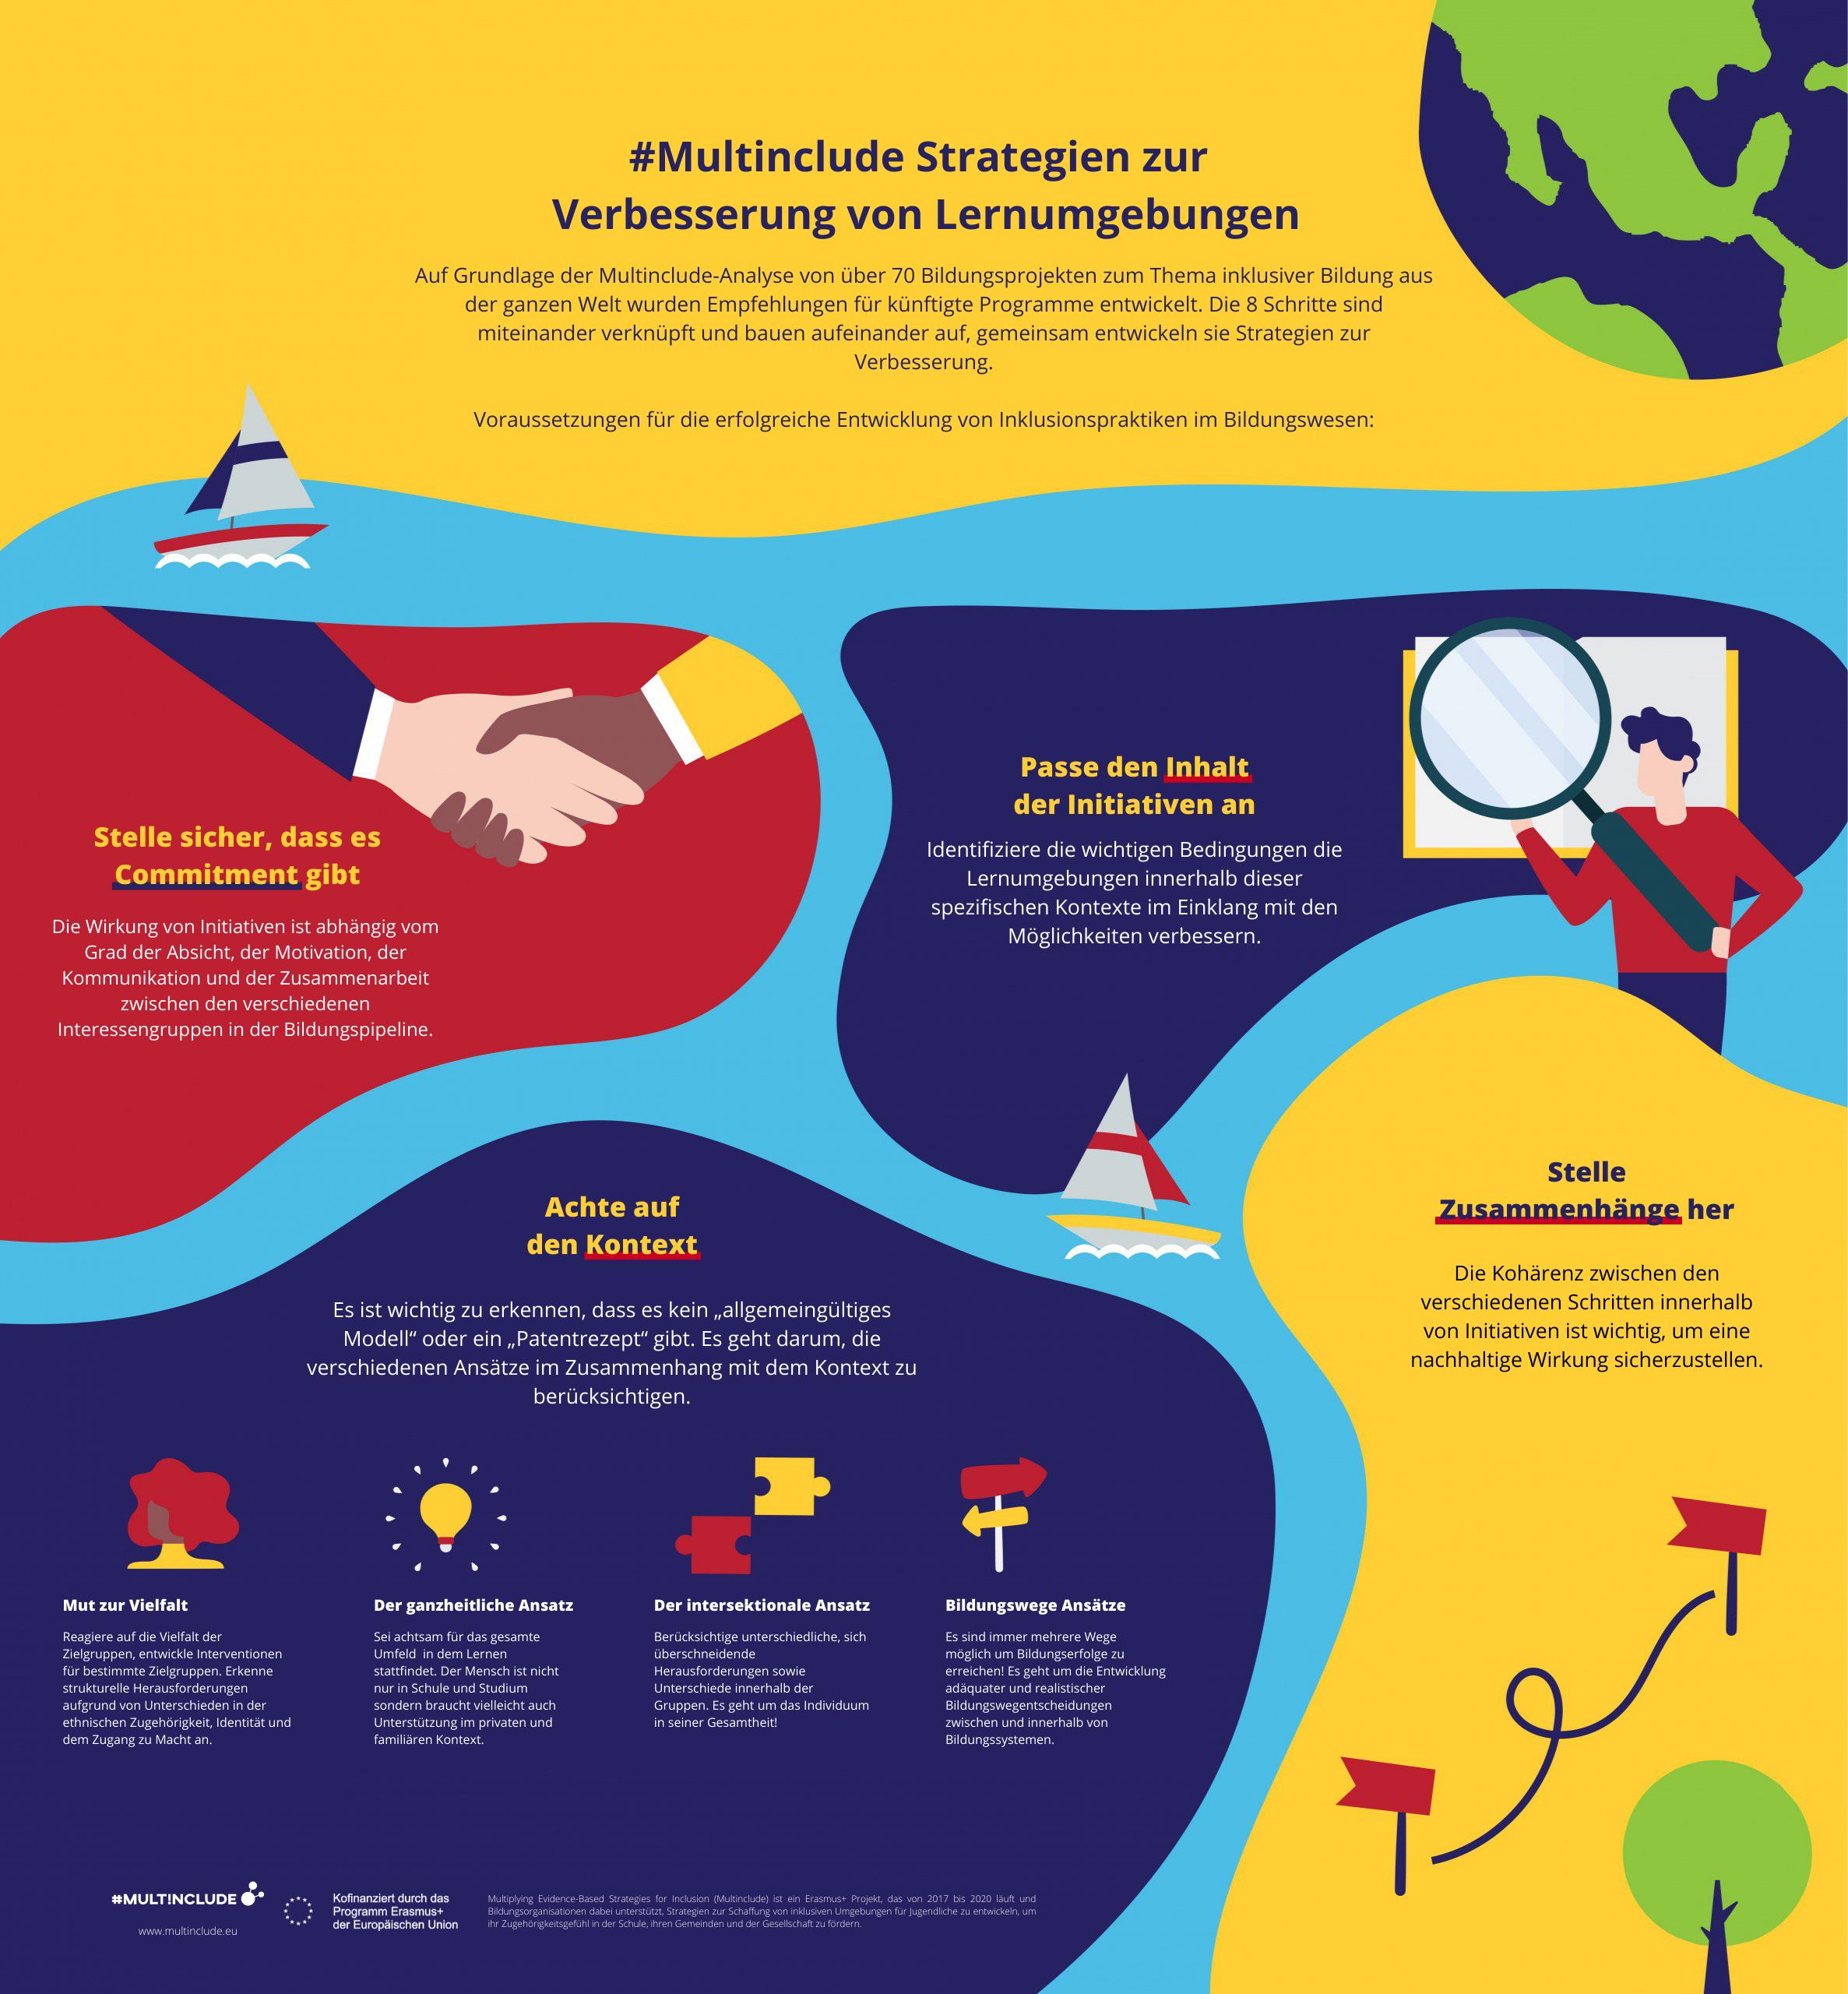 Poster zu Mulitinclude Strategien zur Verbesserung von Lernumgebungen